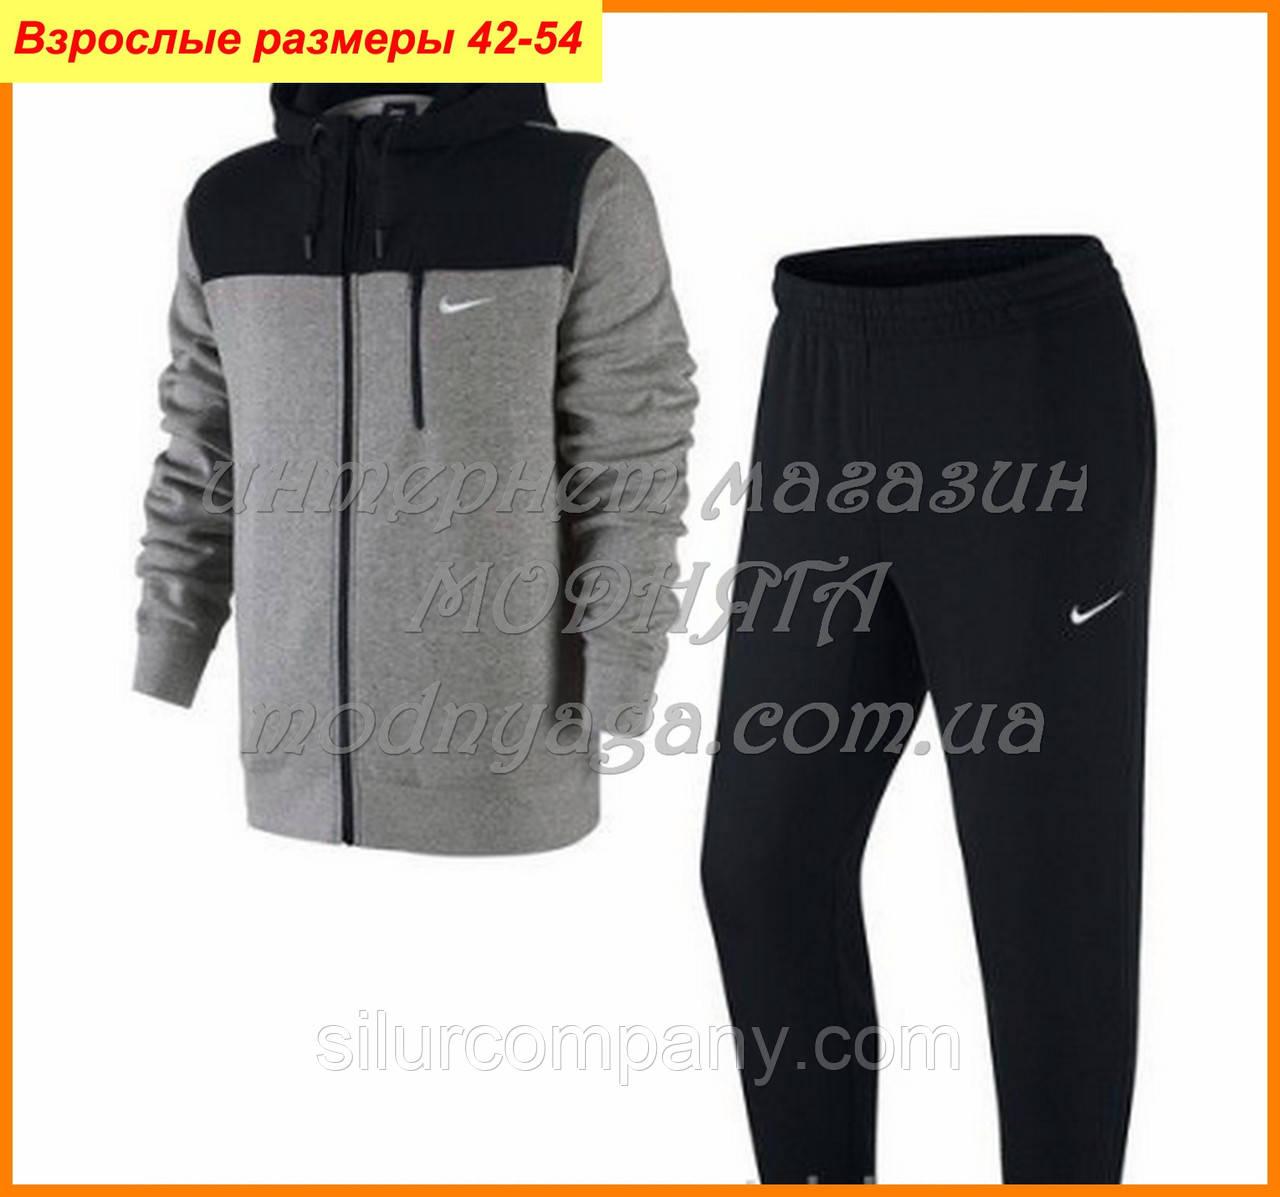 242c521f Спортивные костюмы найк | спортивная одежда nike - Интернет магазин